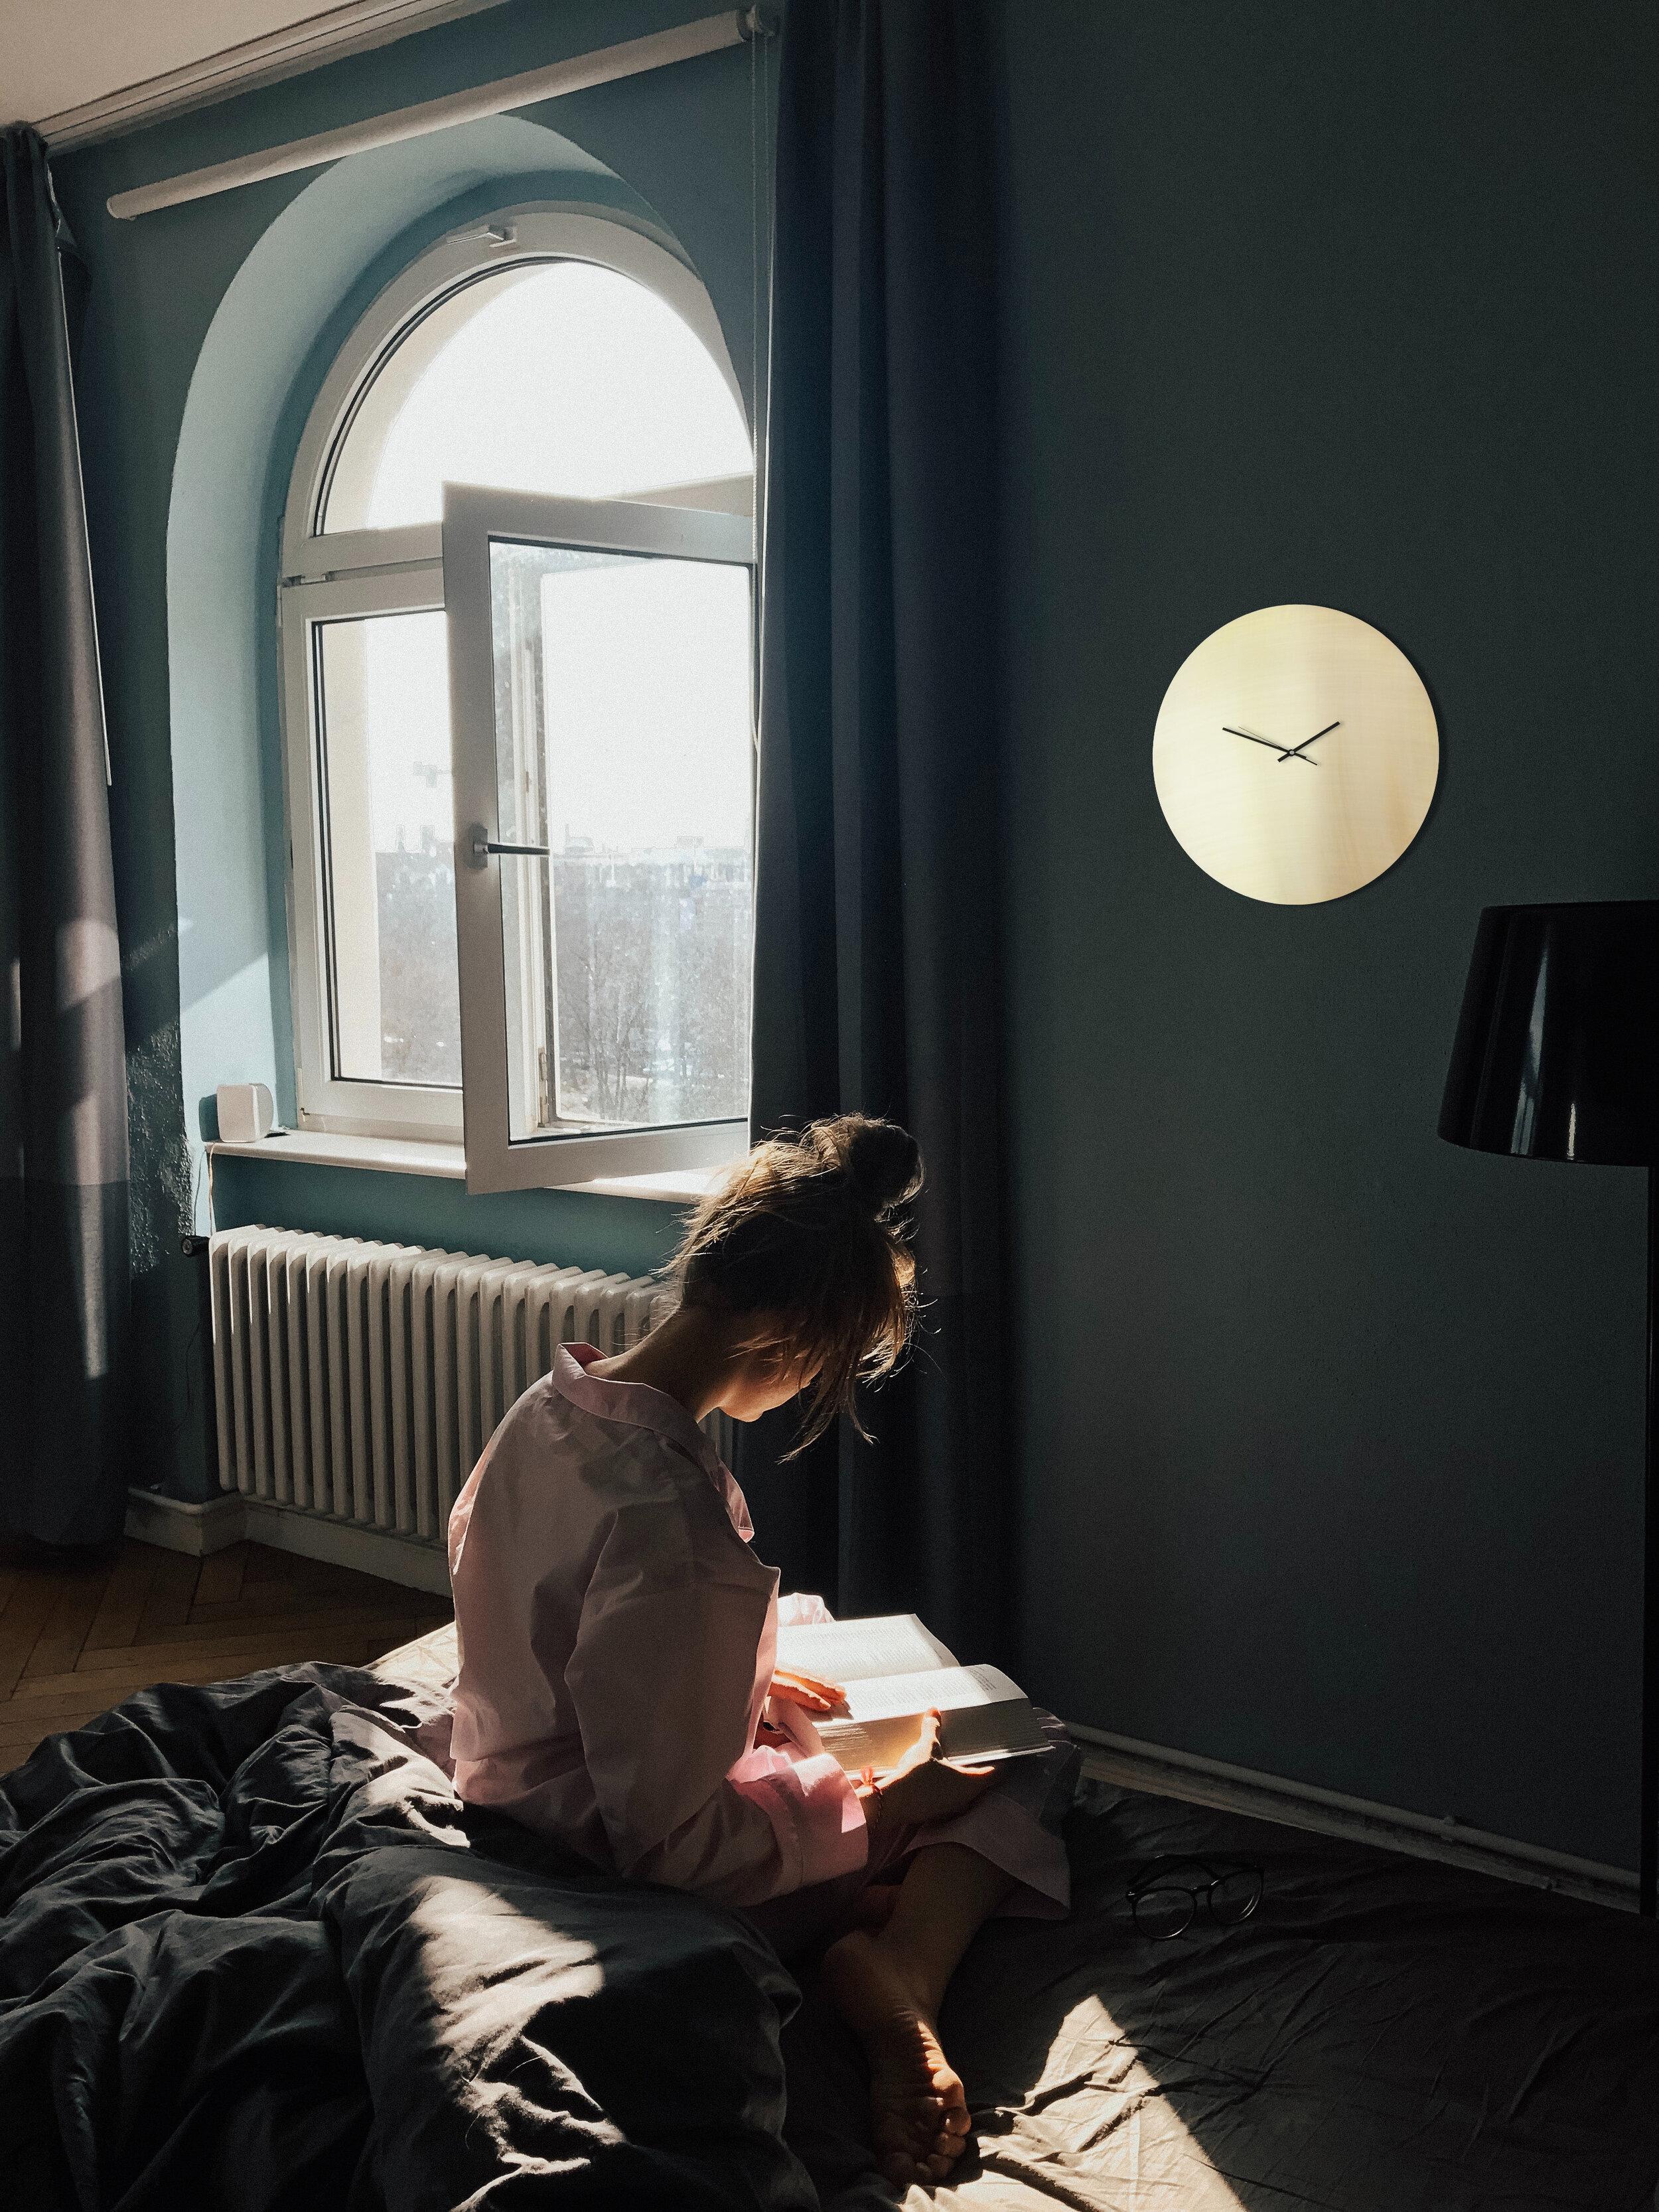 Messing Uhr Frau lesend offenes Fenster.jpg